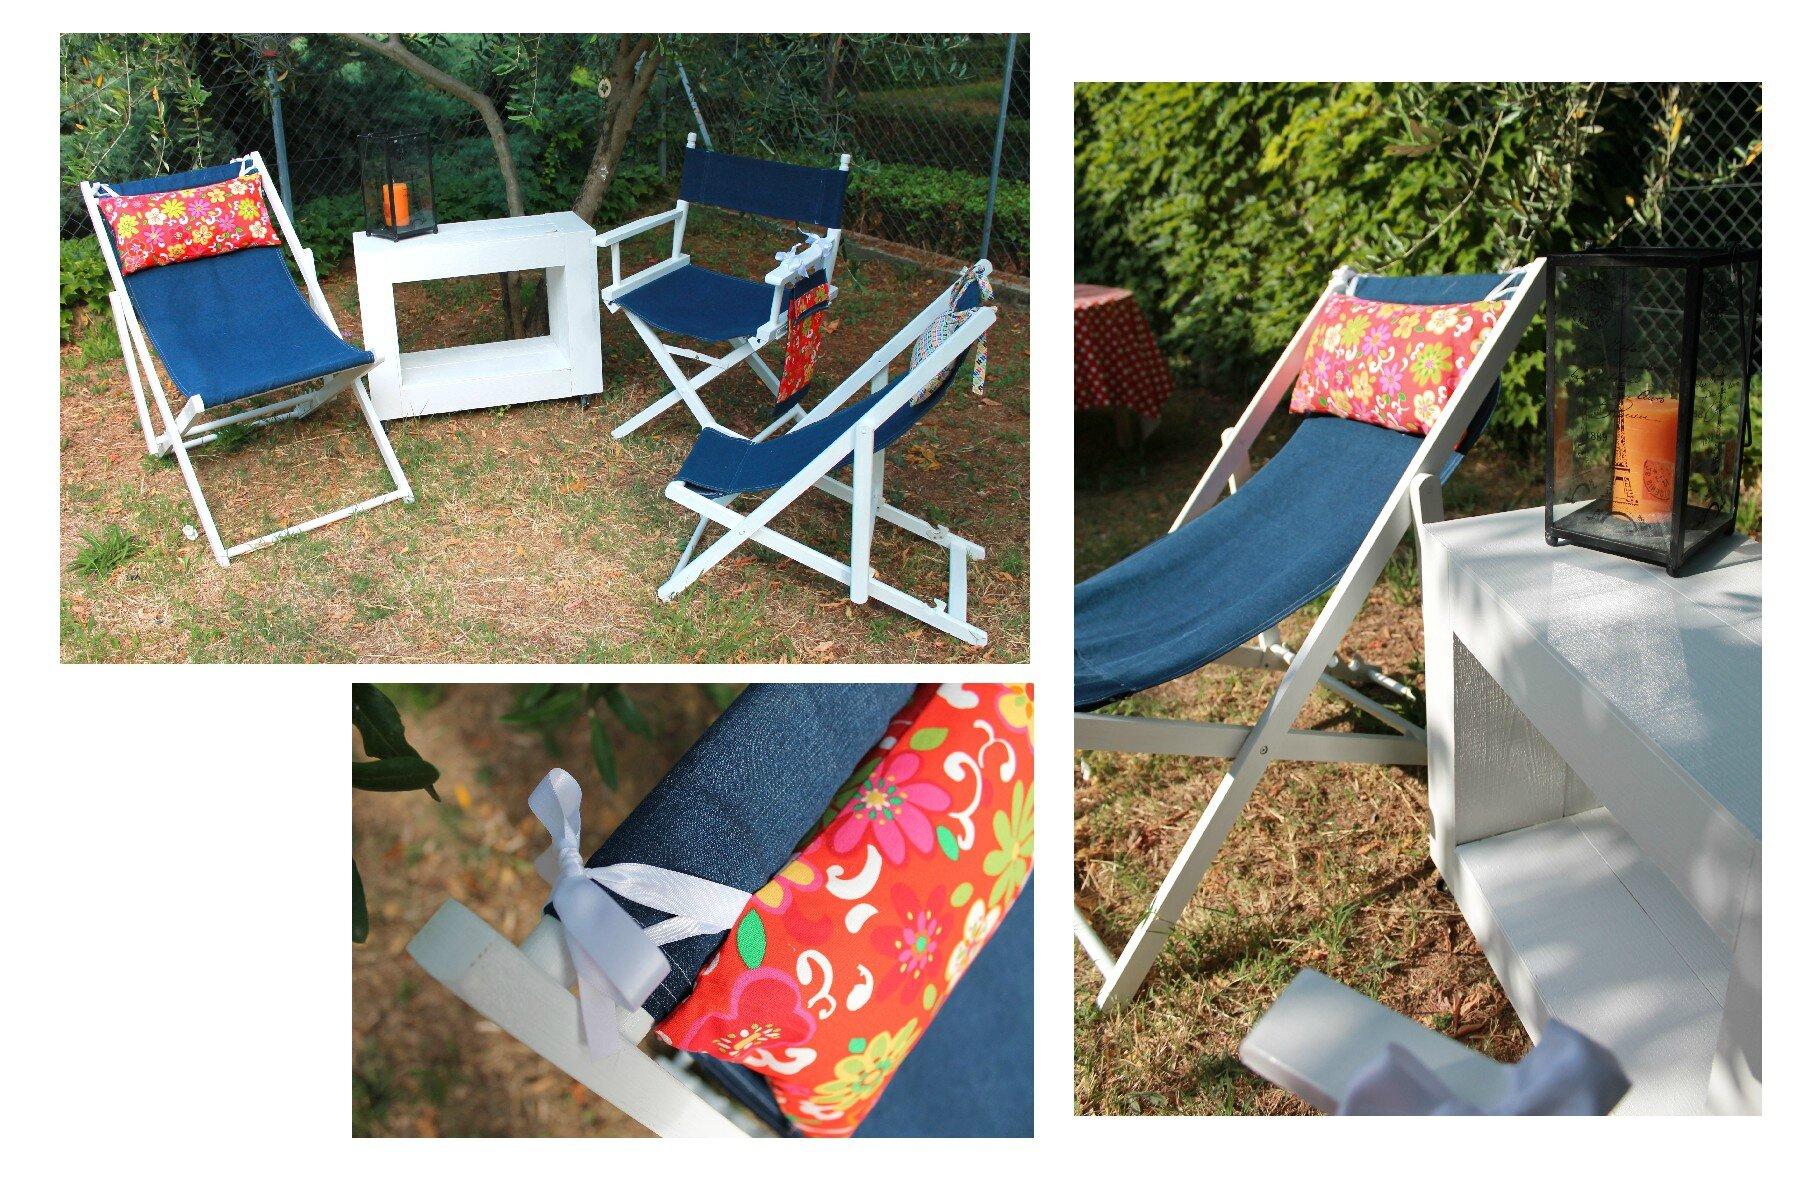 mon nouveau salon de jardin recup 39 f e main by val rie. Black Bedroom Furniture Sets. Home Design Ideas